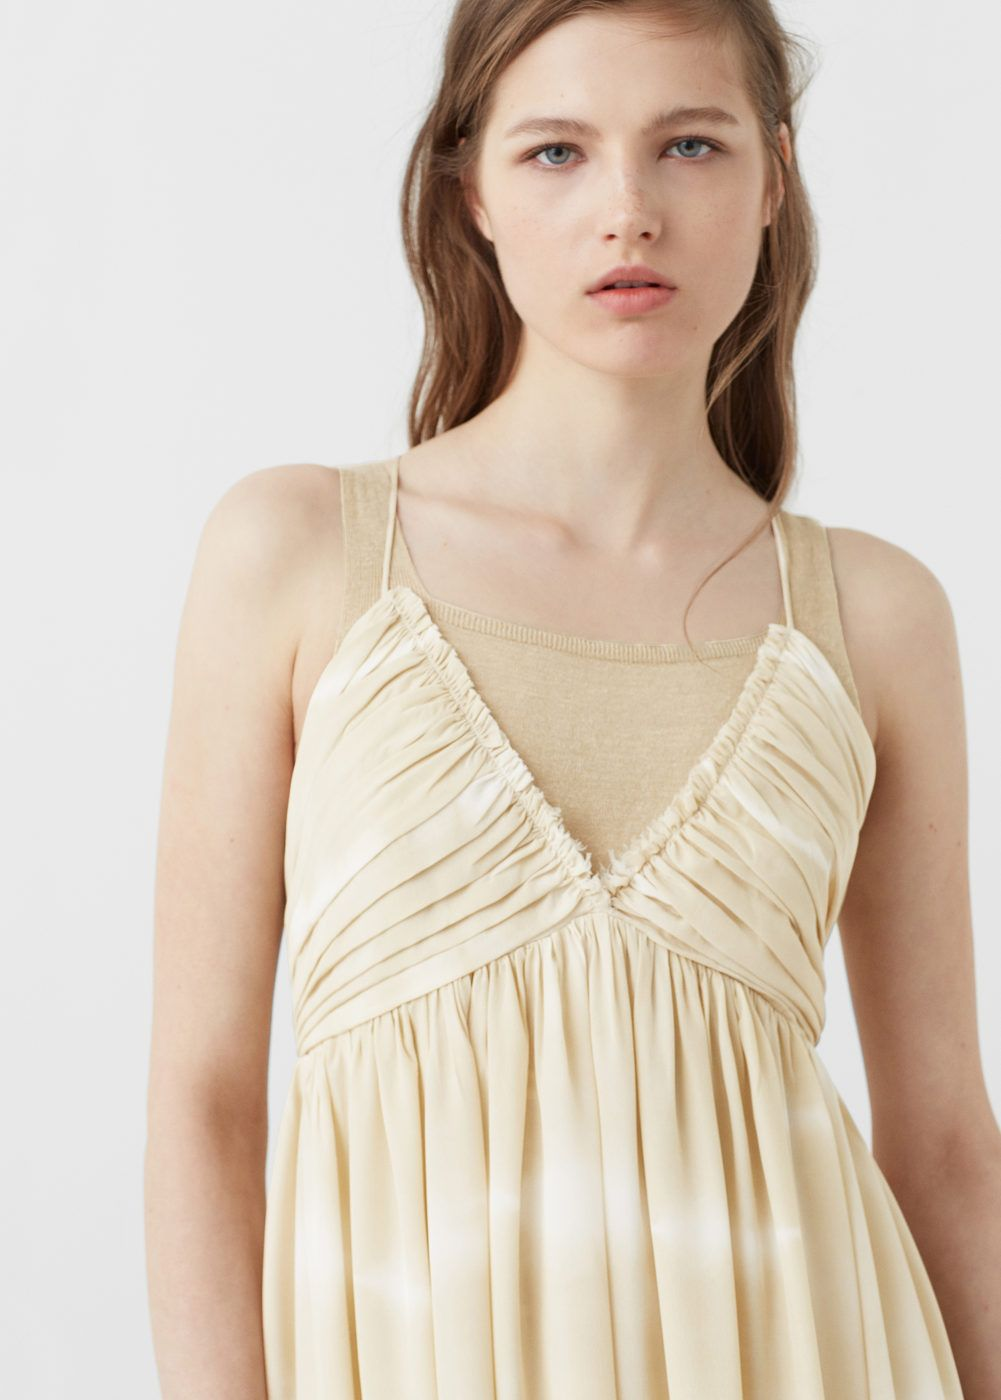 Premium - seidenkleid - Damen | Moda | Pinterest | Seidenkleid ...